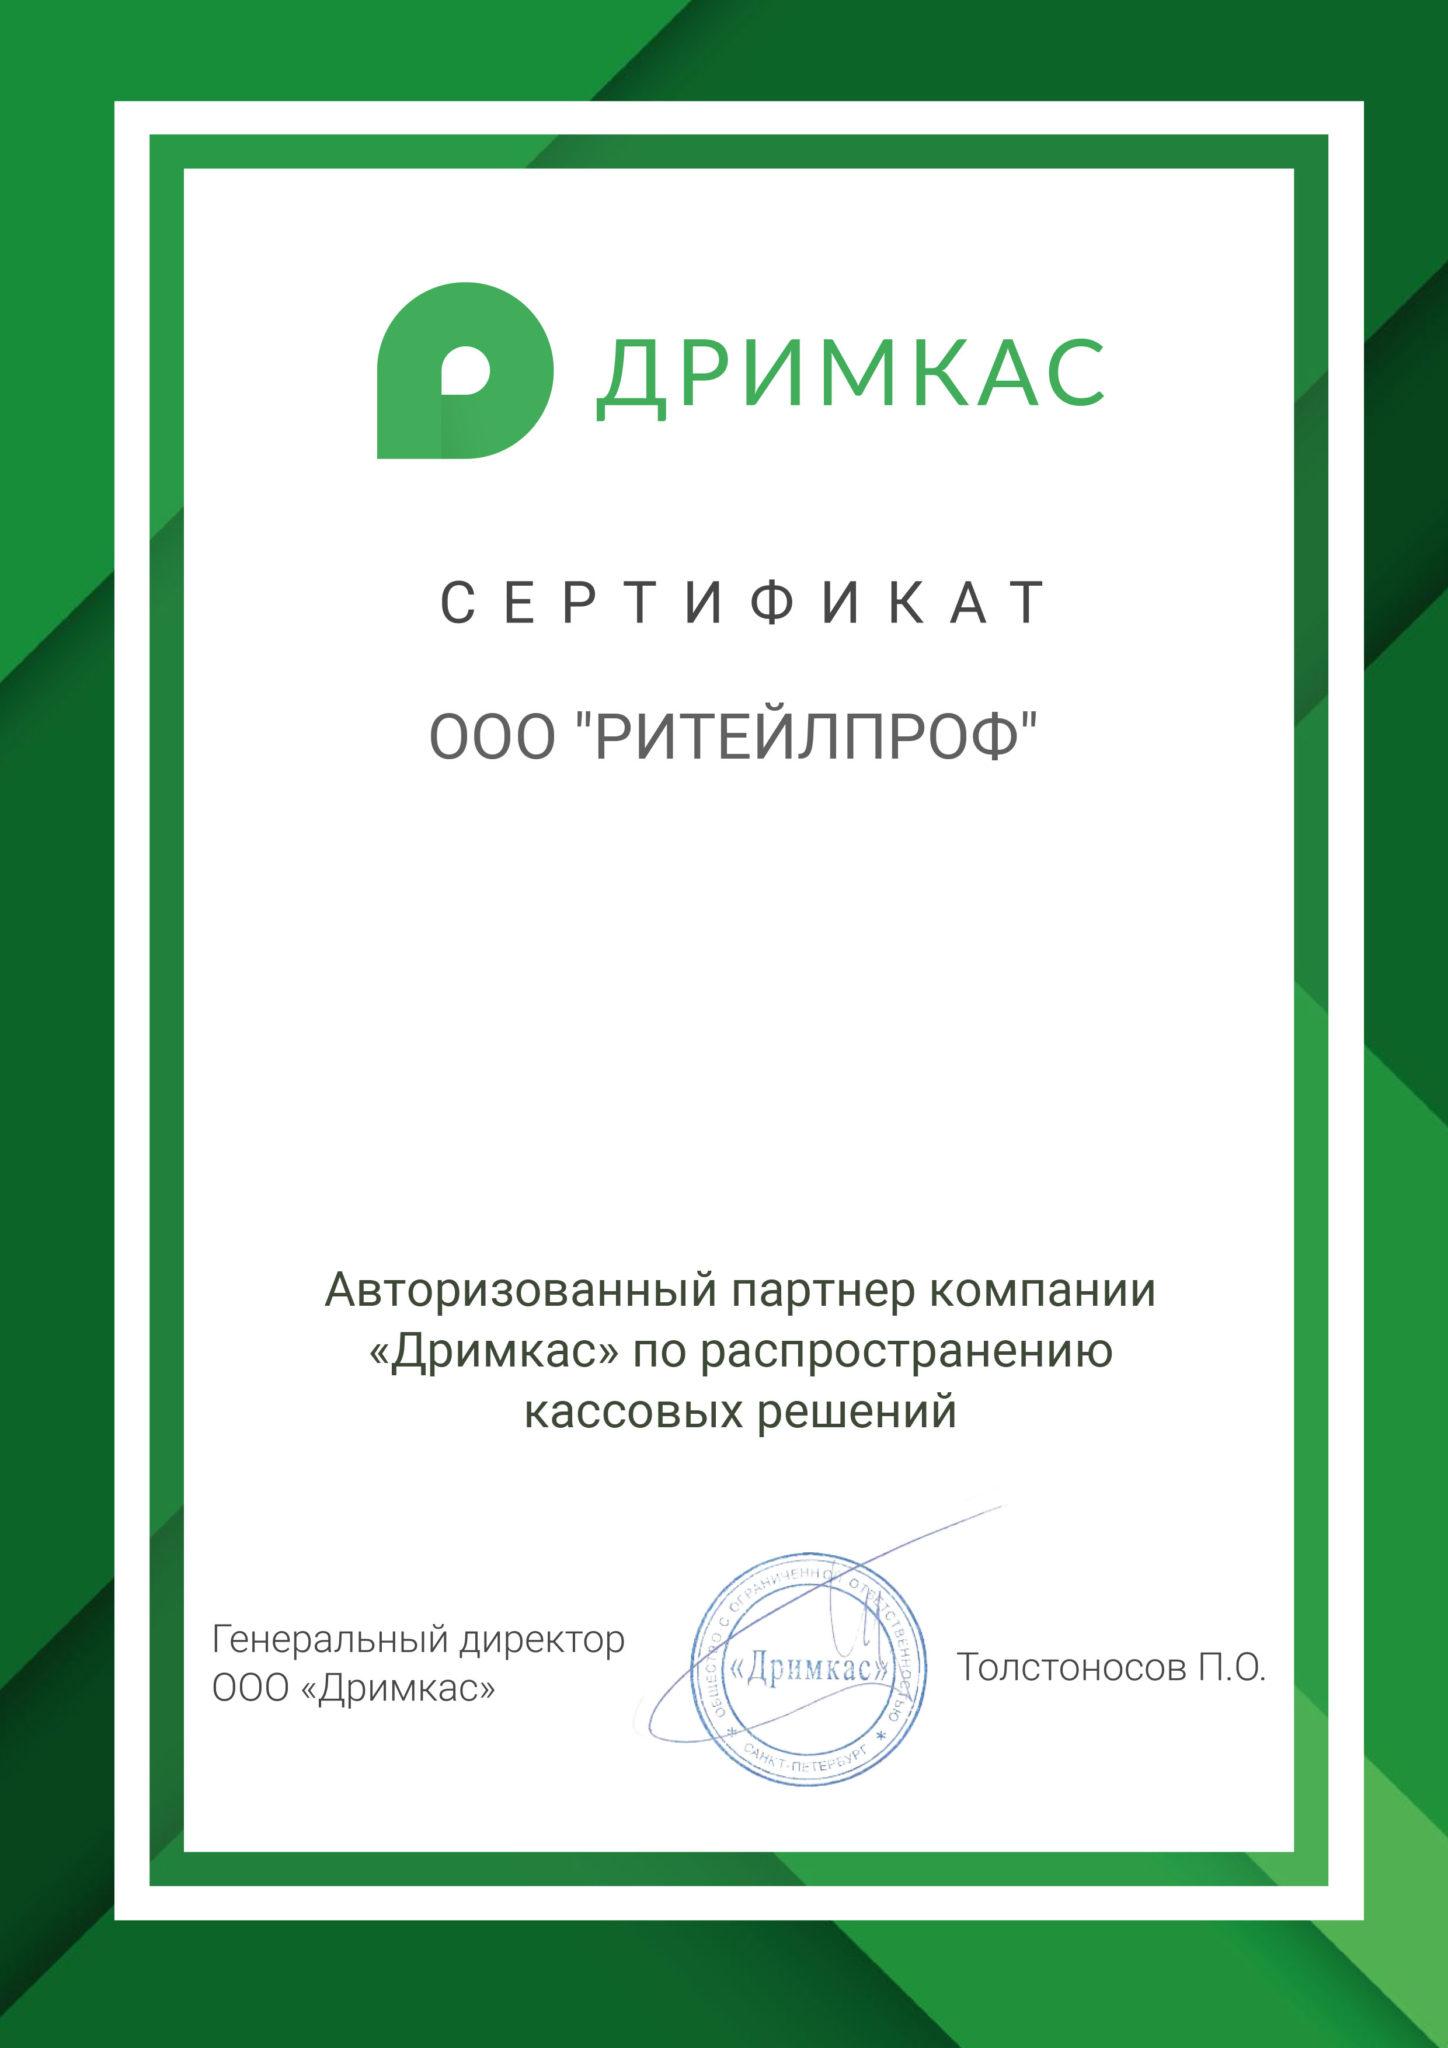 Сертификат партнера компании Дримкас